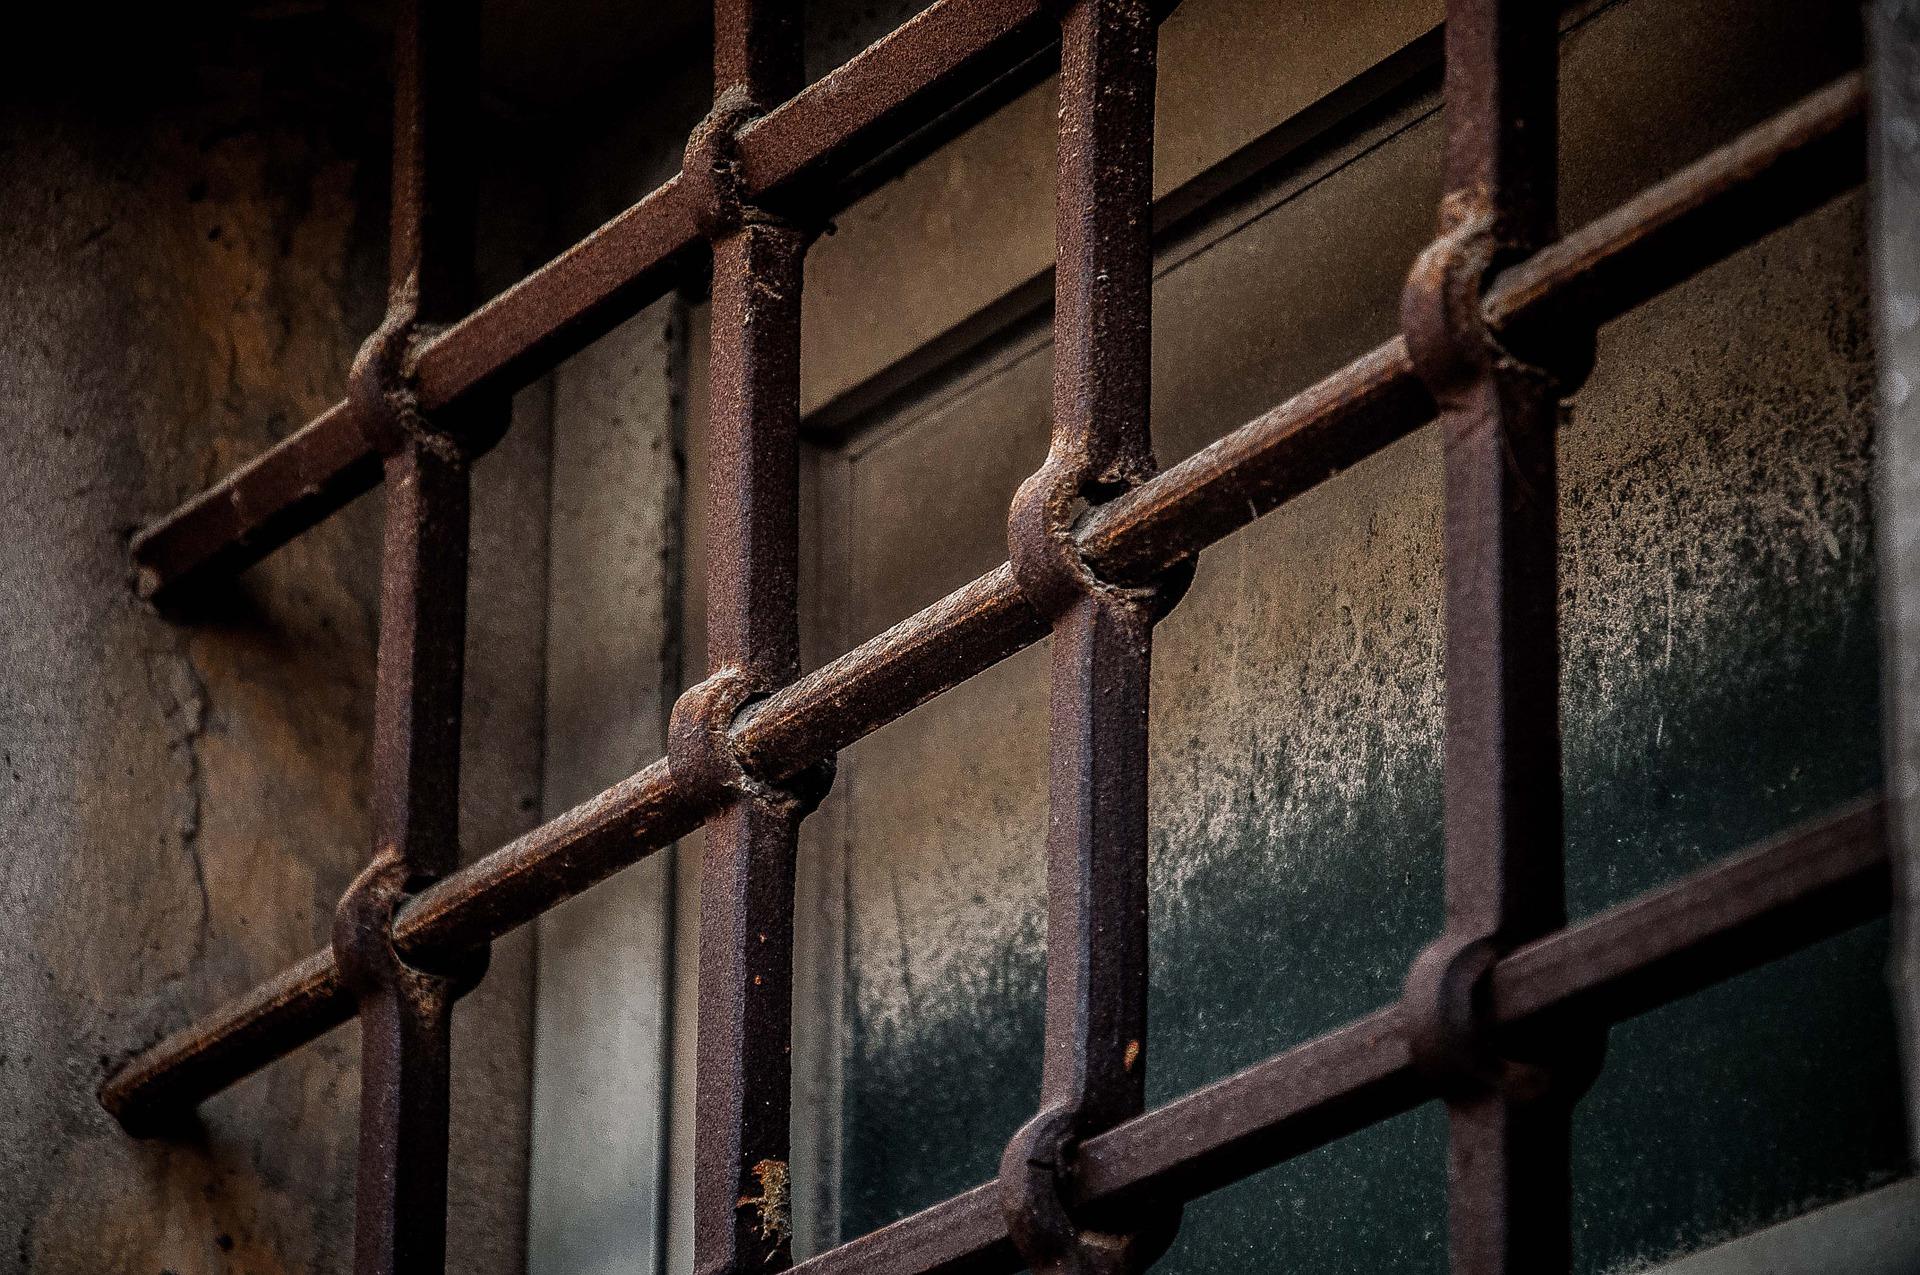 Jogerősen tíz évre ítélték az élettársát megölő mezőhegyesi férfit